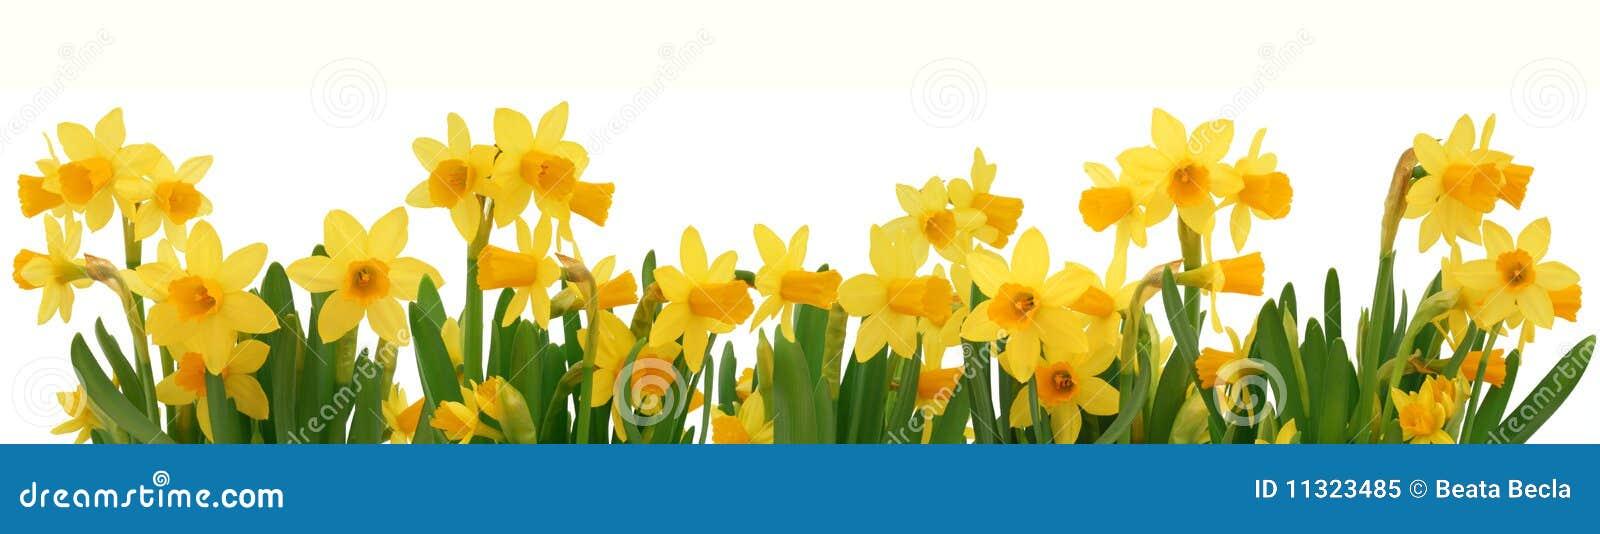 Sorgente dei daffodils del bordo